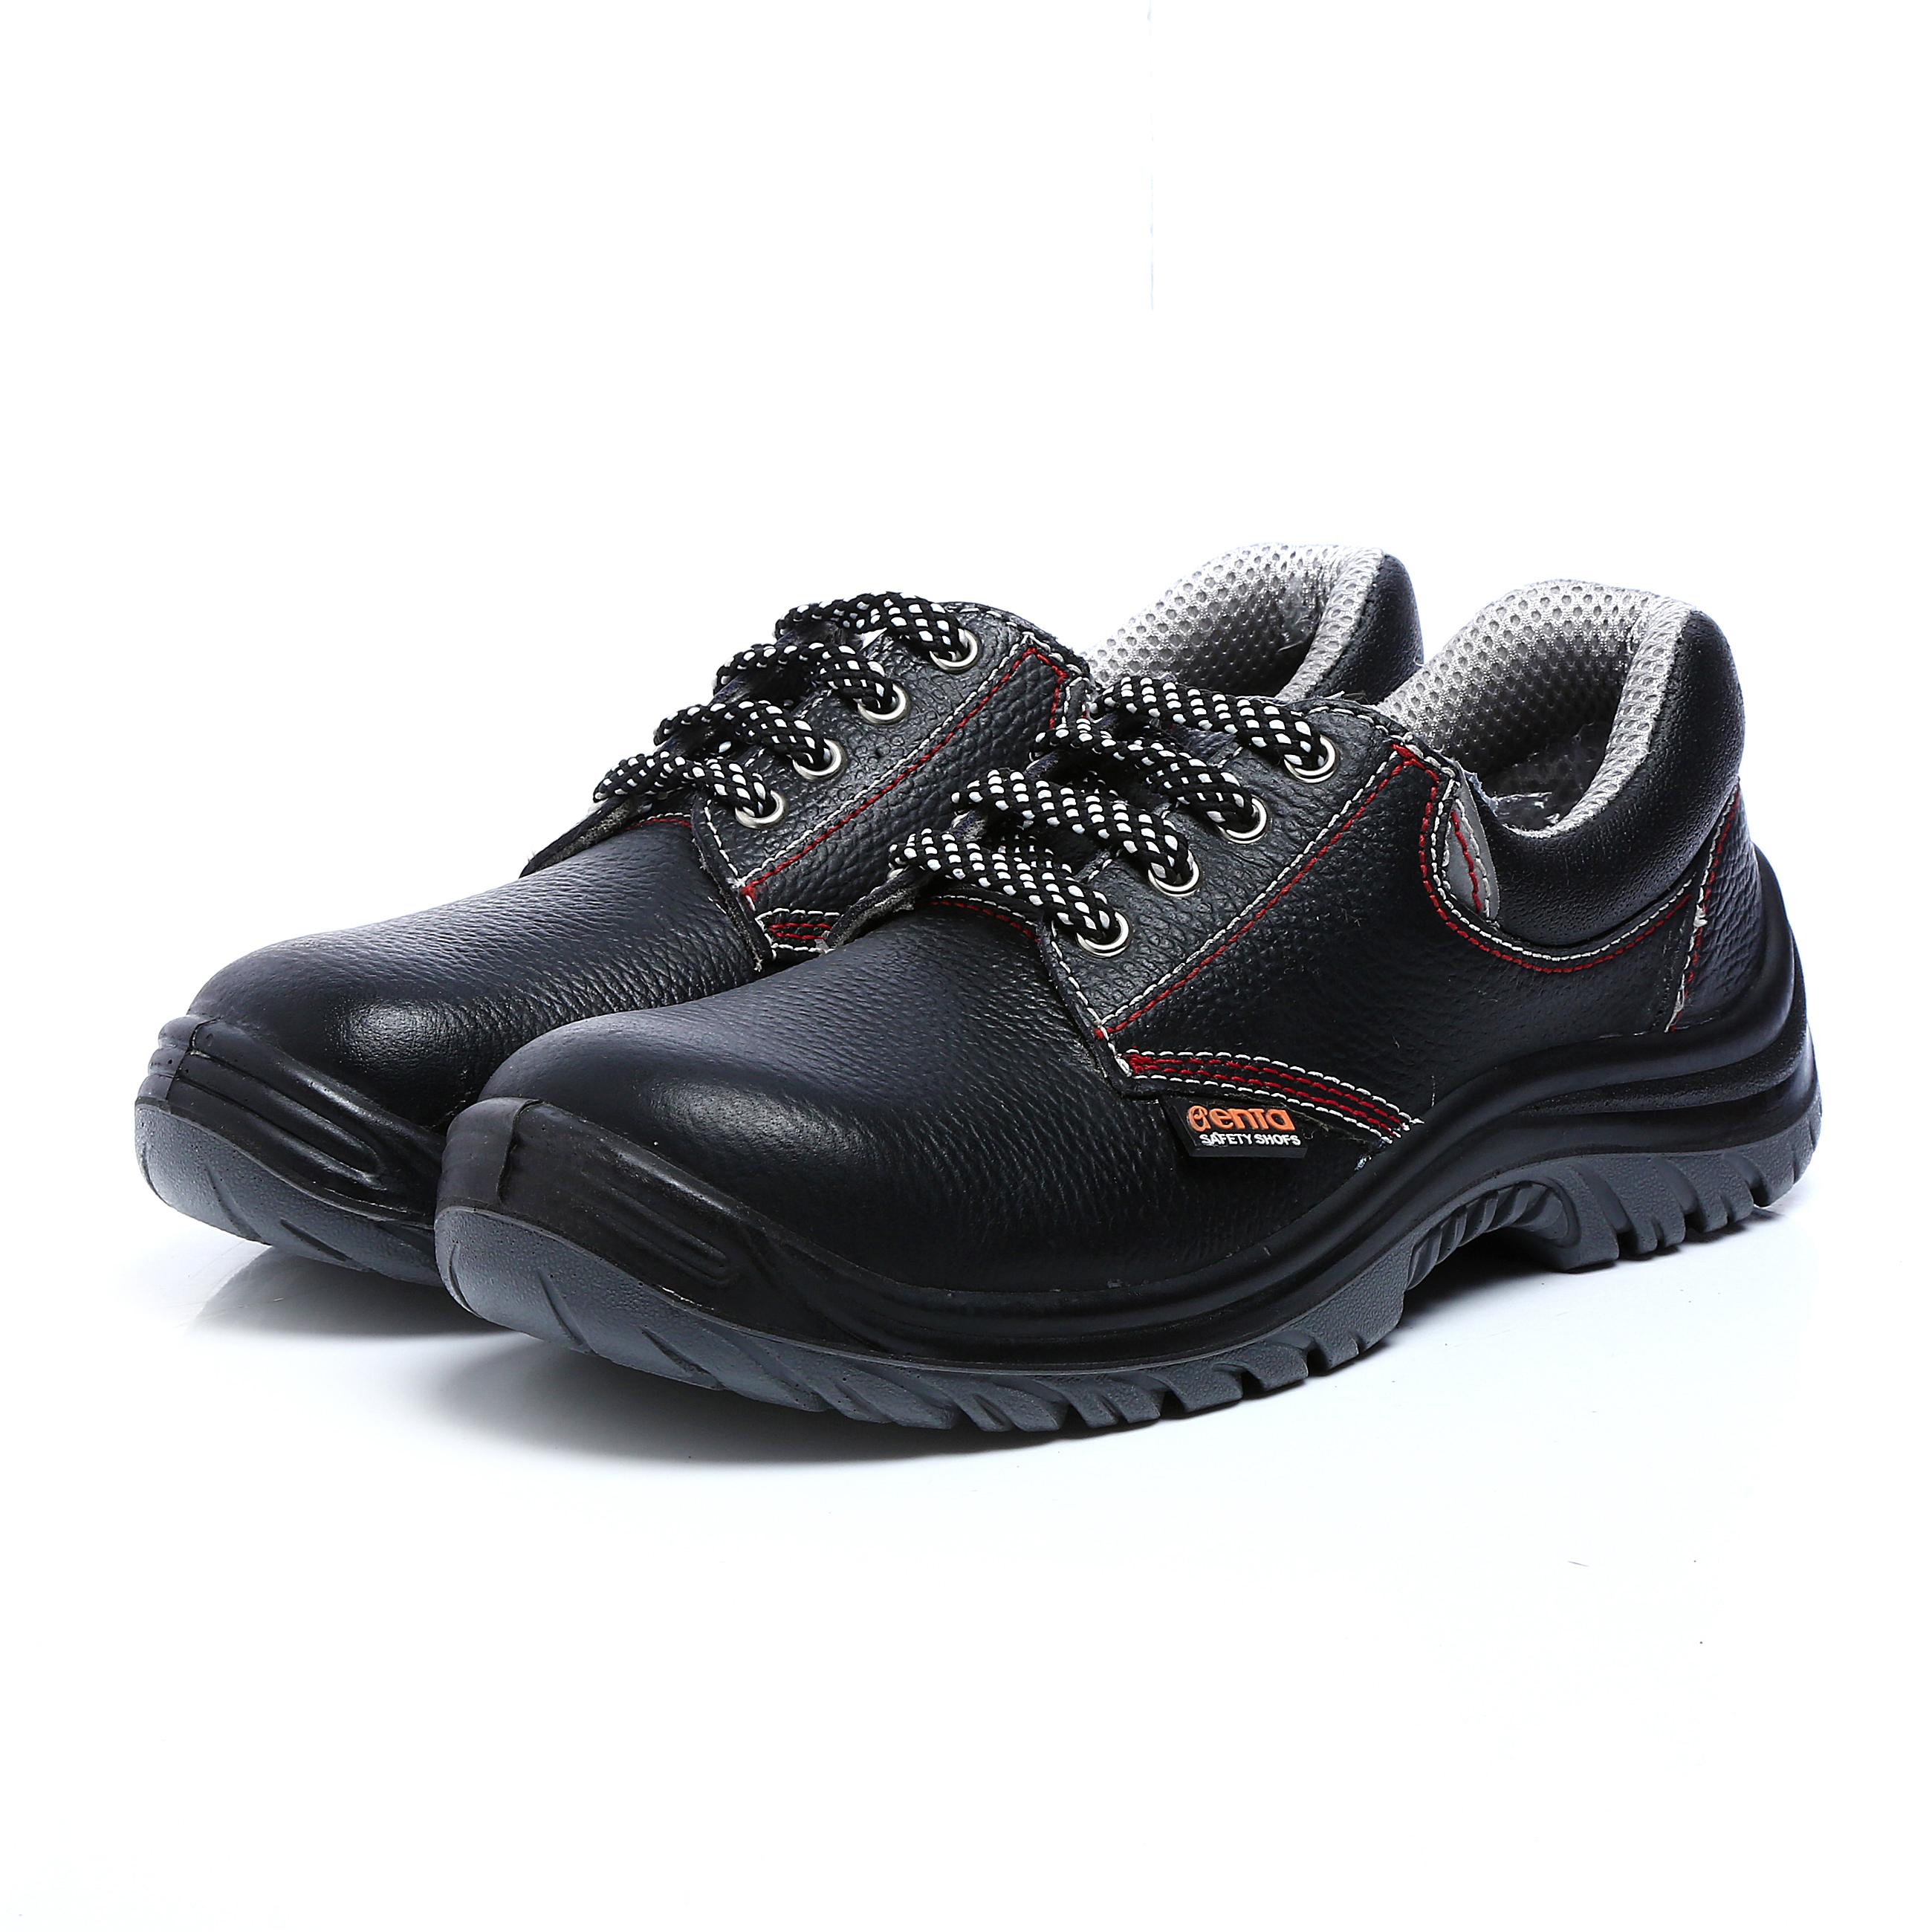 EN Standard Safety Shoes